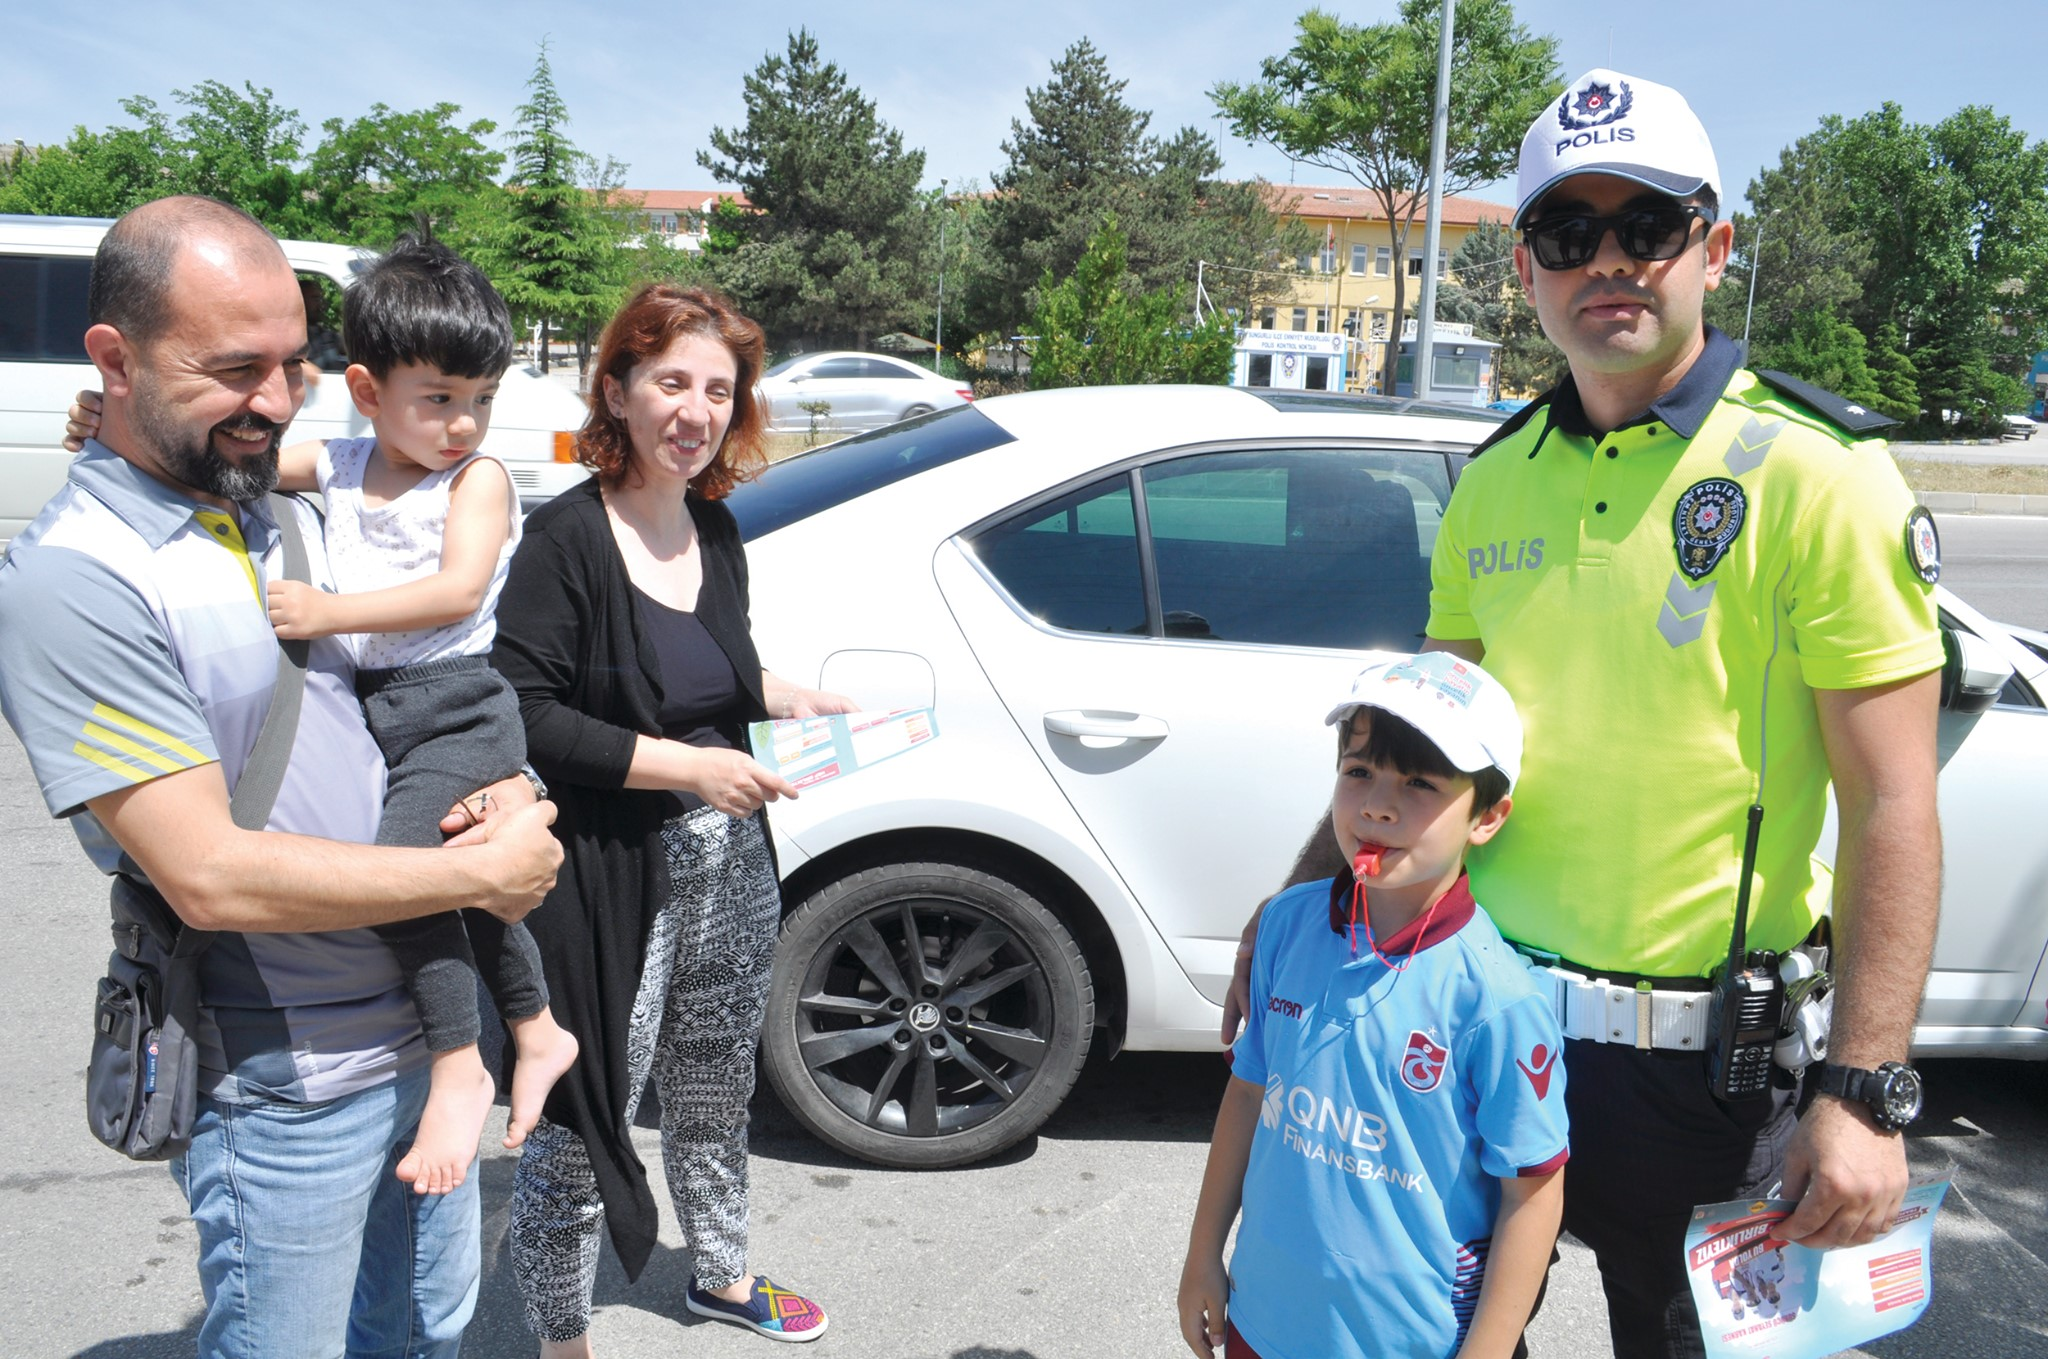 Bayram öncesi çocuklar trafikteki anne babalarına karne düzenleyecek, sosyal medyadan bunu Emniyet Genel Müdürlüğü'ne iletecek Direksiyon başındaki anne babasını değerlendiren çocuklardan 100 tanesine bisiklet hediye edilecek. | Sungurlu Haber